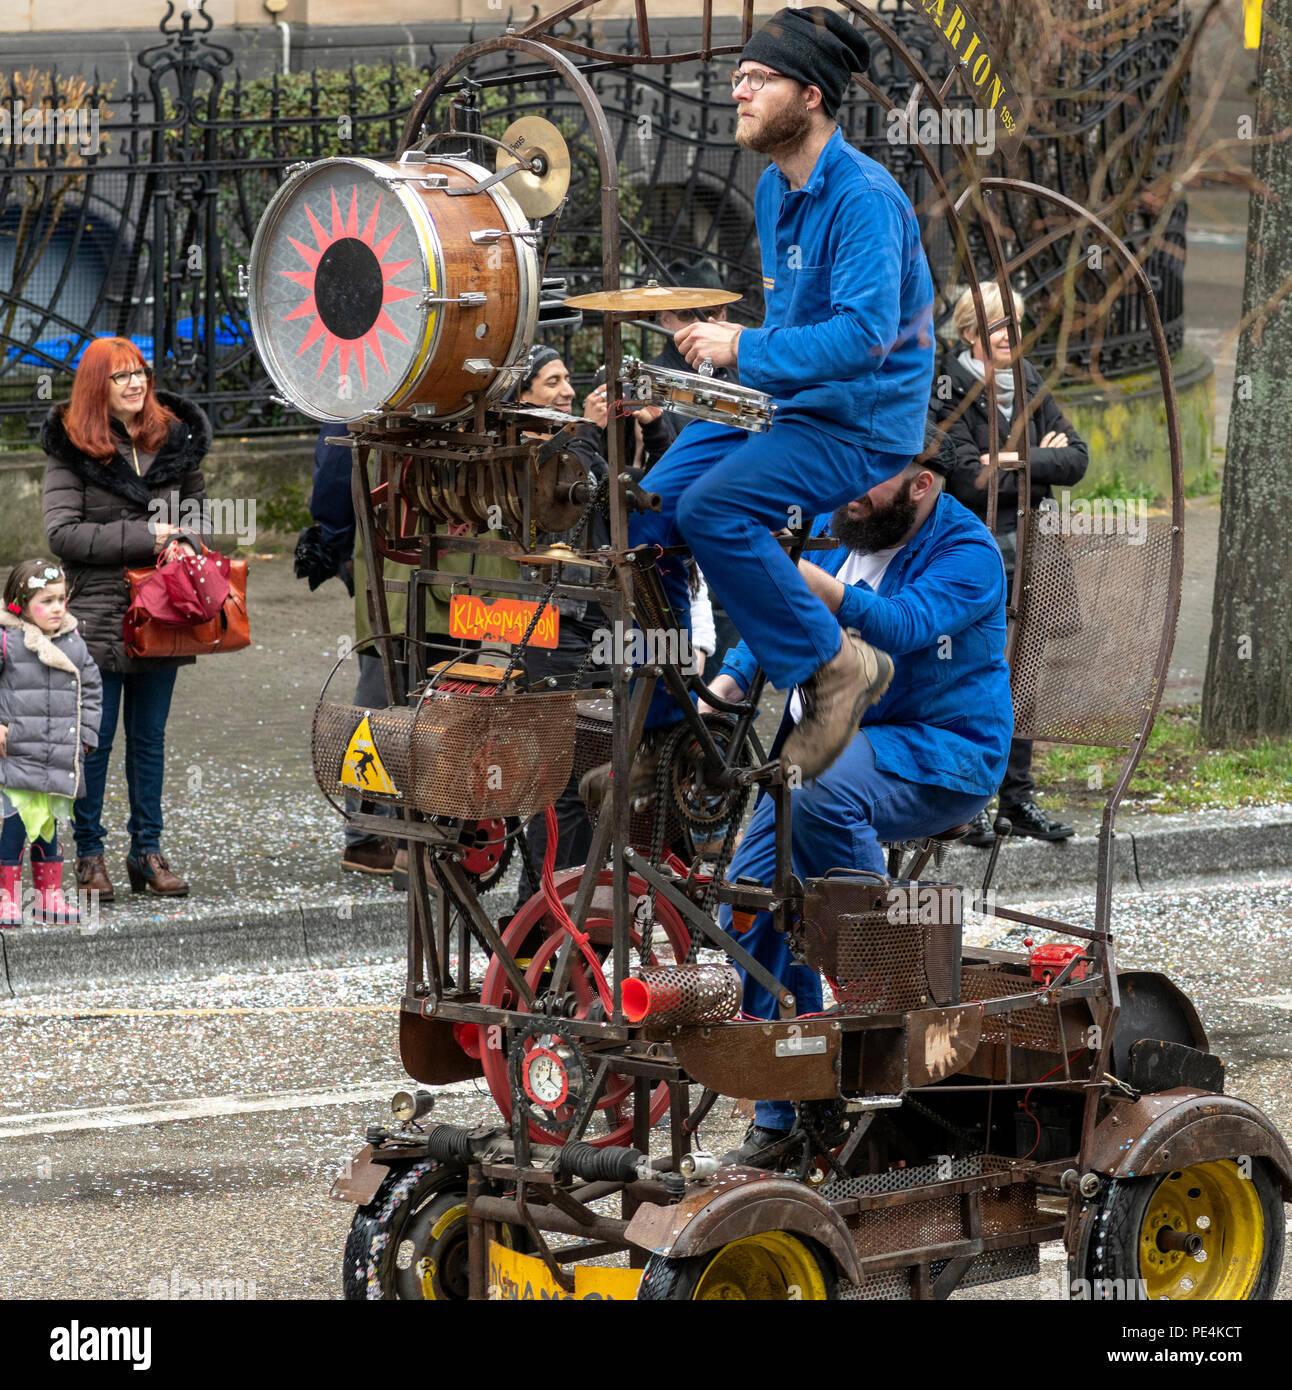 El año 1952, mobile dynamogenic Klaxonarion máquina musical, desfile de carnaval de Estrasburgo, Alsacia, Francia, Europa, Imagen De Stock